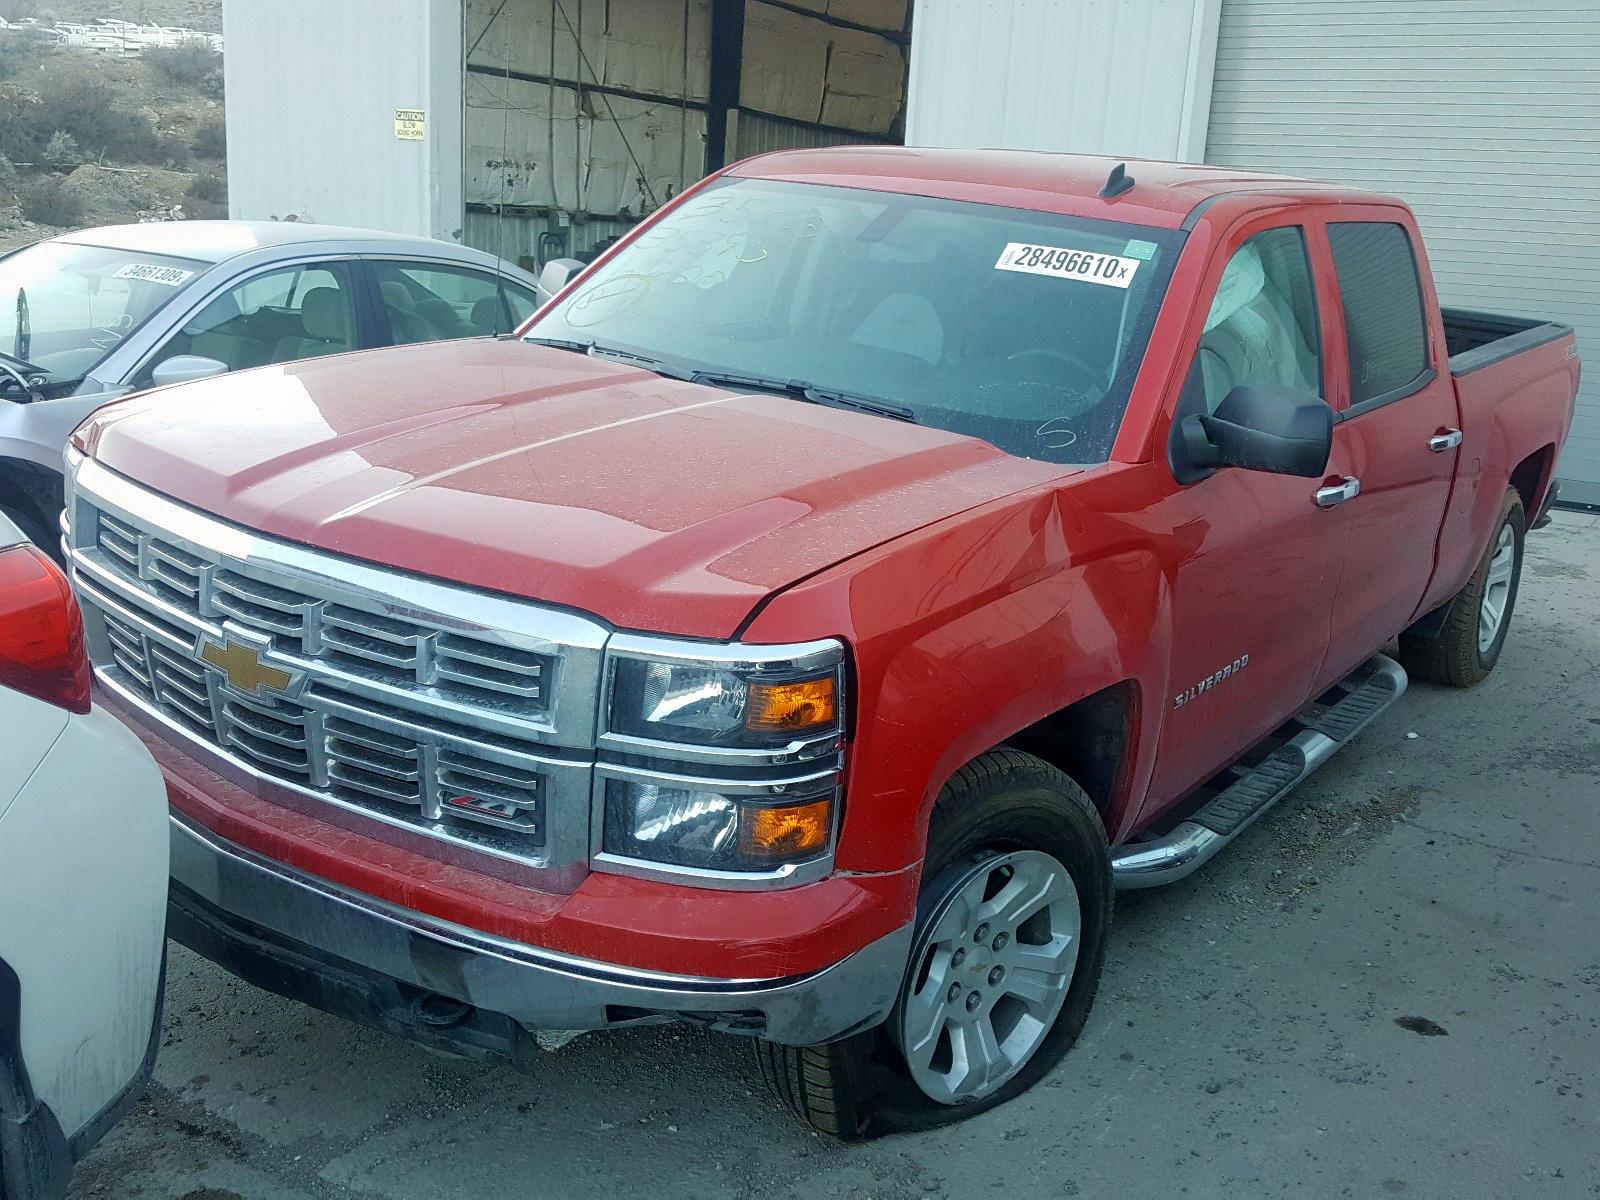 3GCUKREC0EG546934 - 2014 Chevrolet Silverado 5.3L Right View